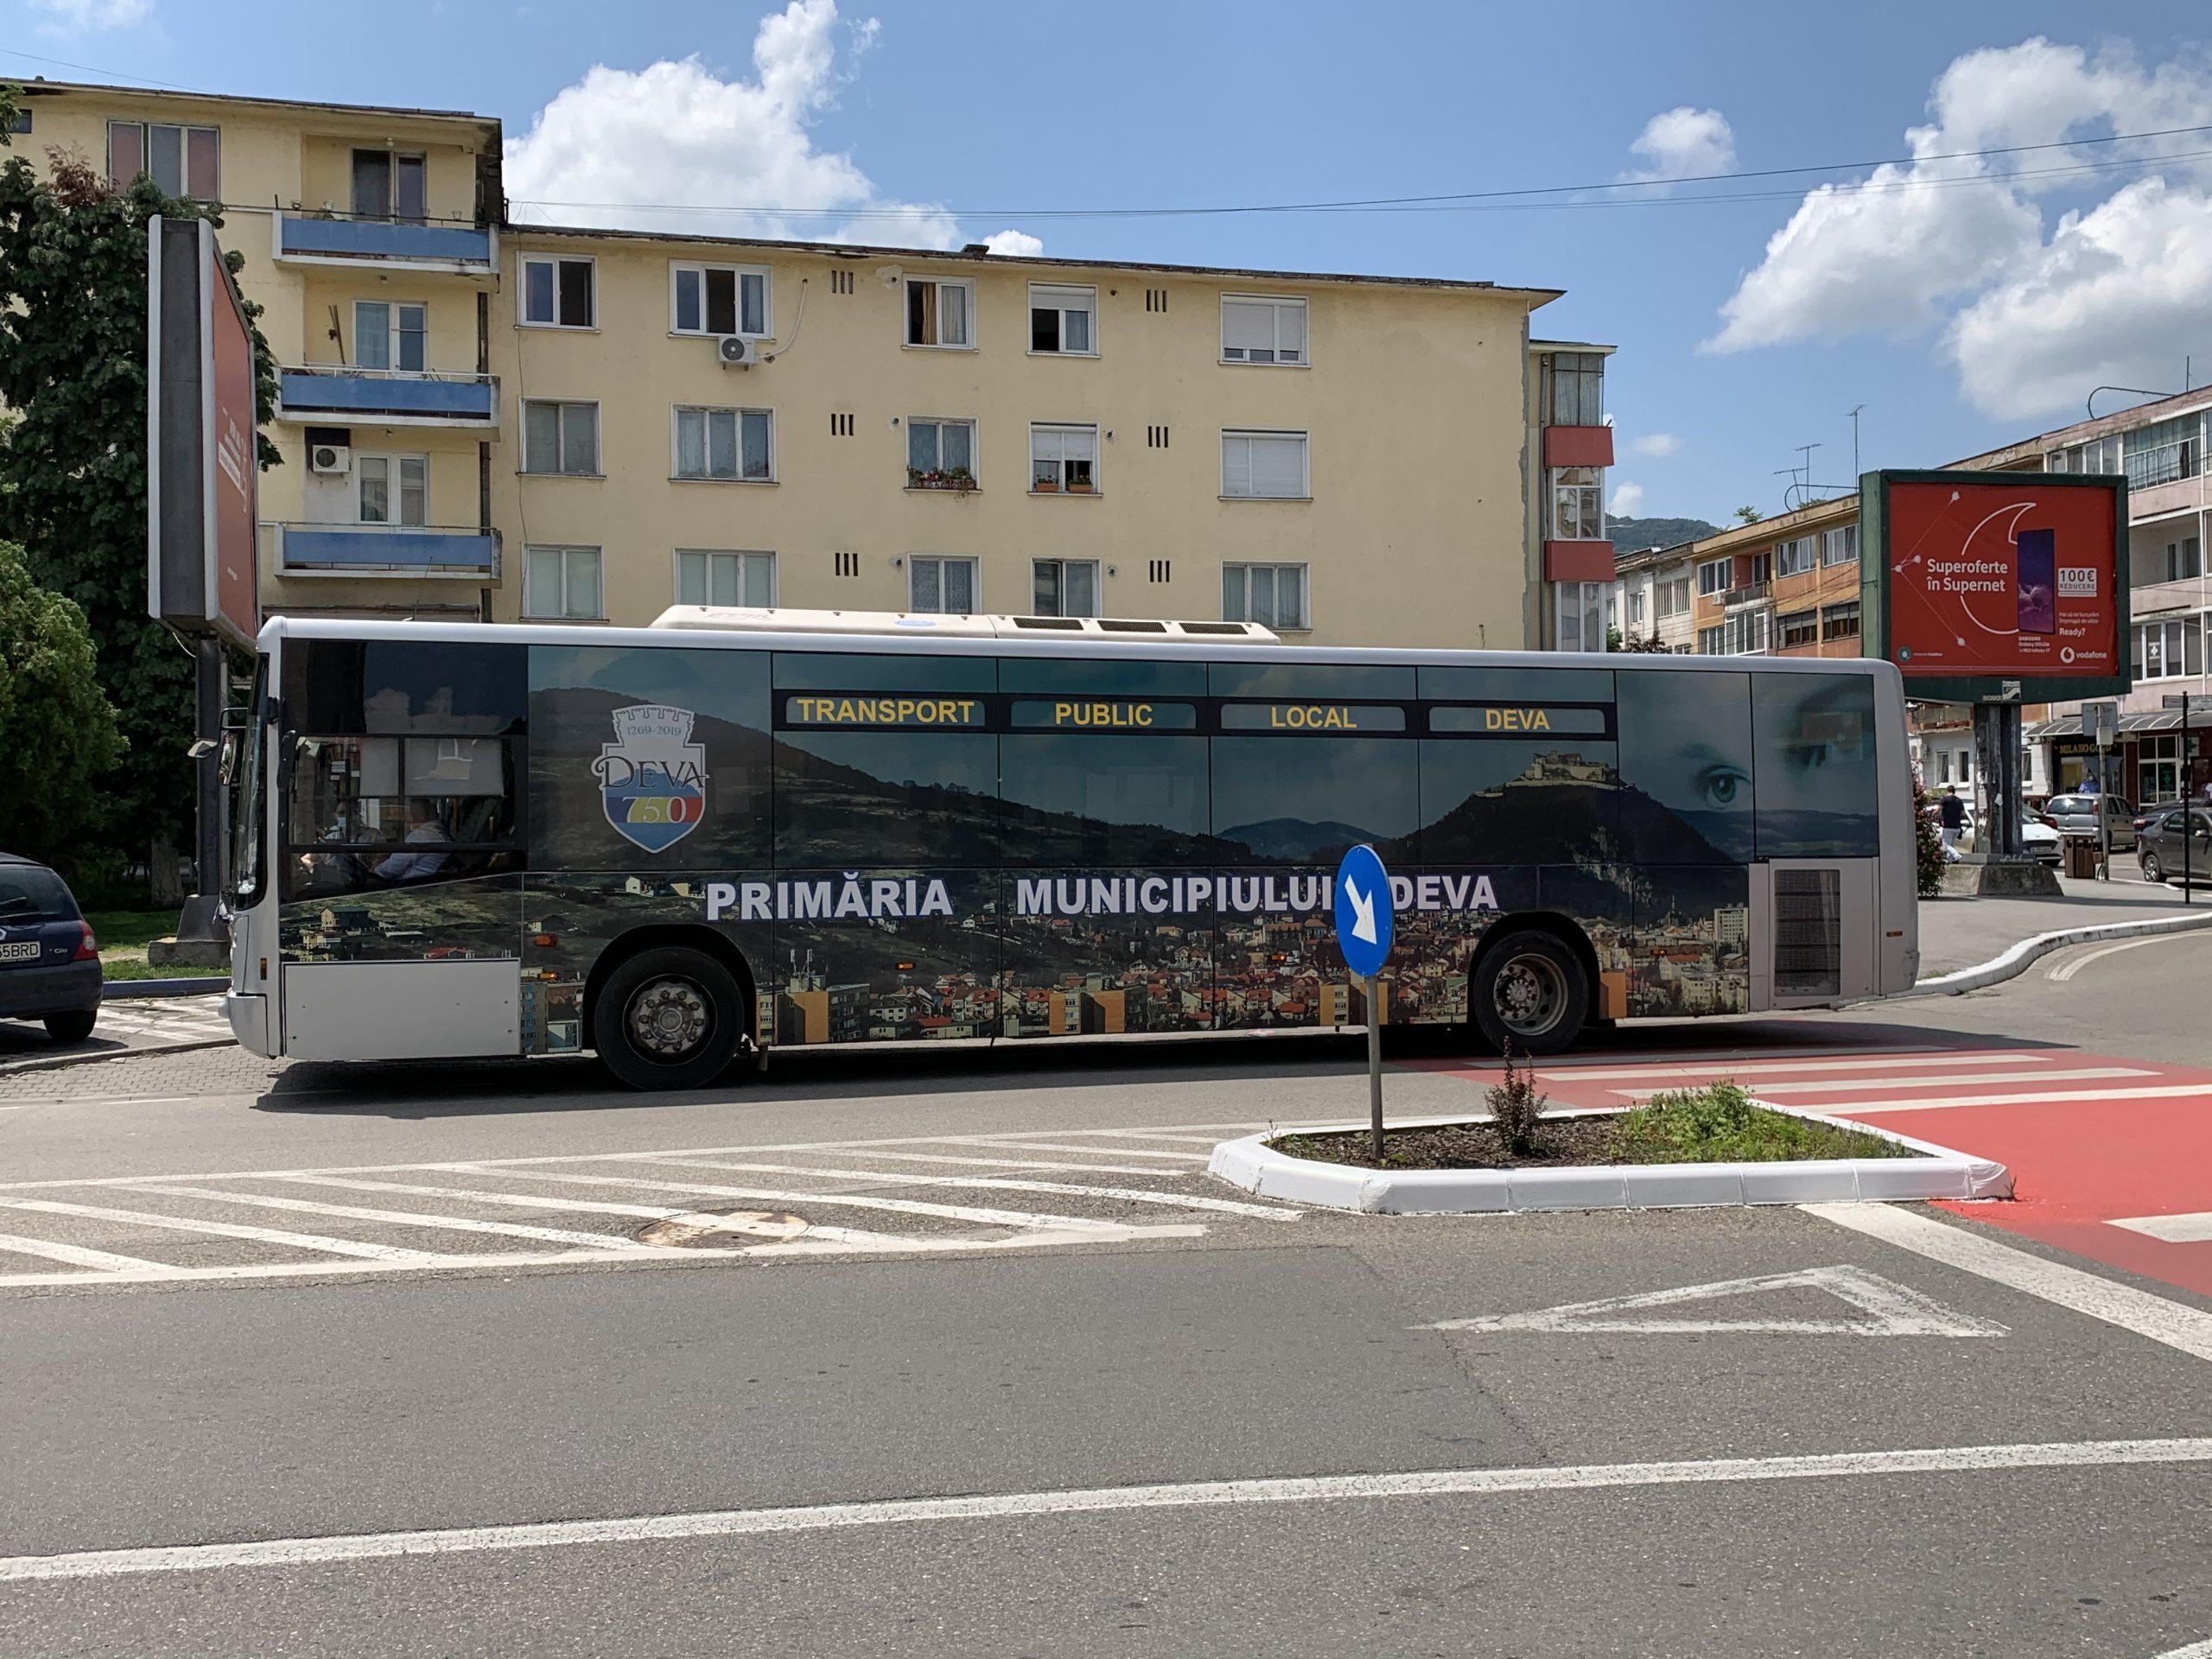 S-a prelungit termenul de eliberare a tichetelor gratuite de călătorie pentru transportul public local din Deva